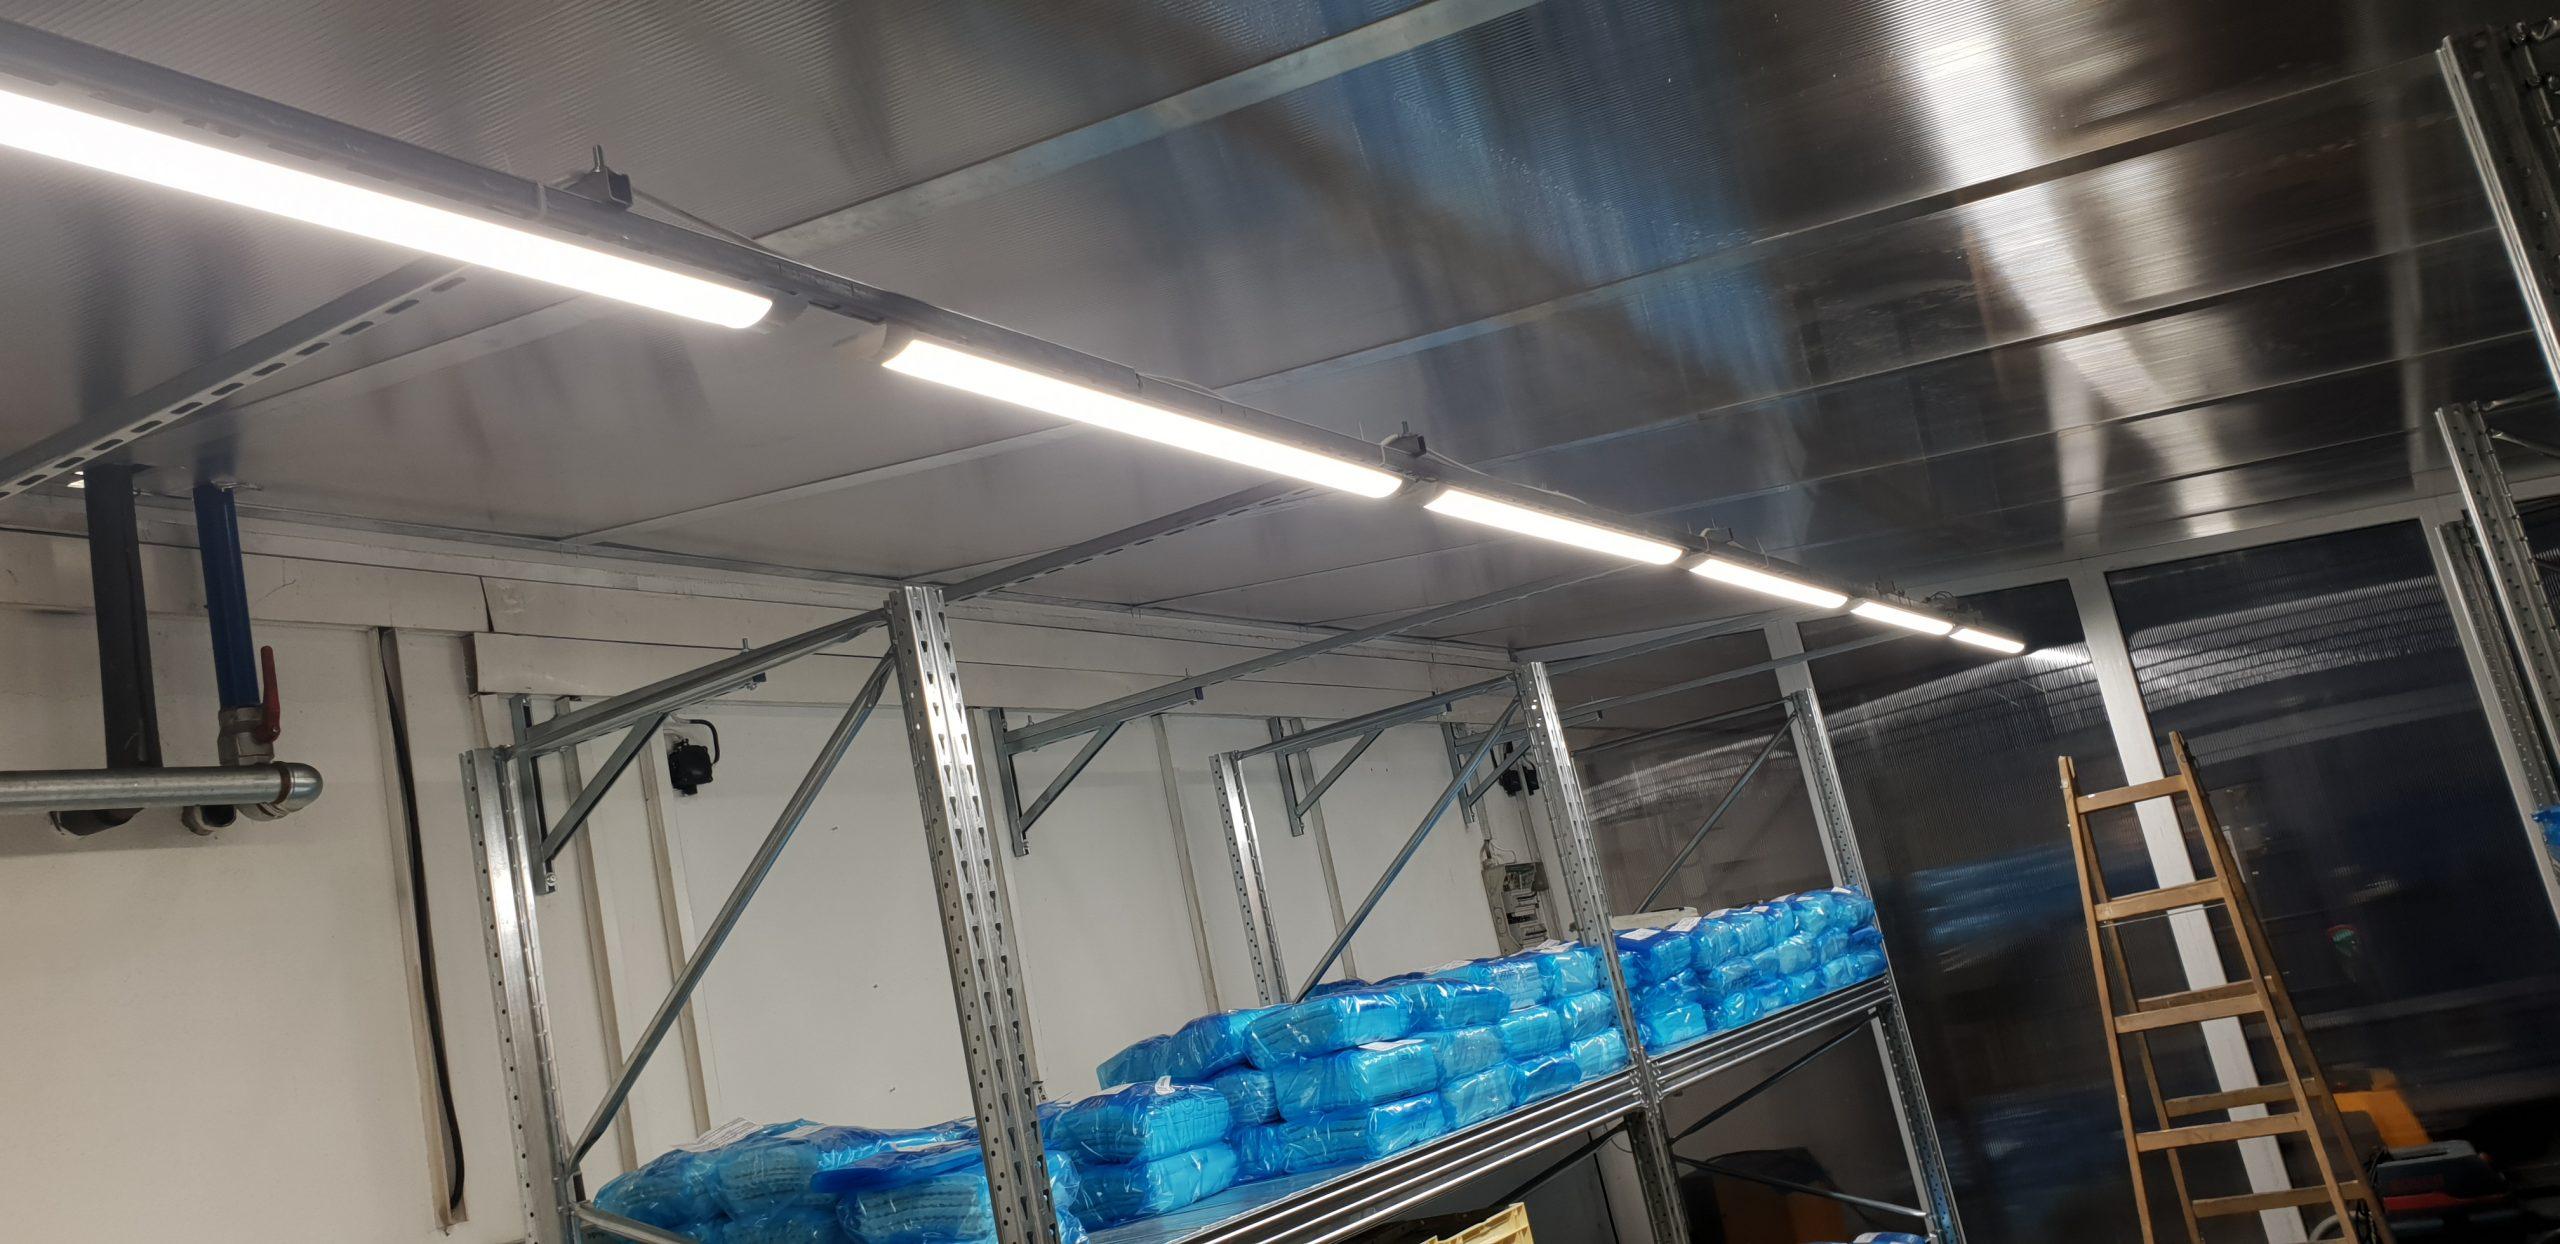 Osvetlenie skladových priestorov firmy - Dubnica nad Váhom